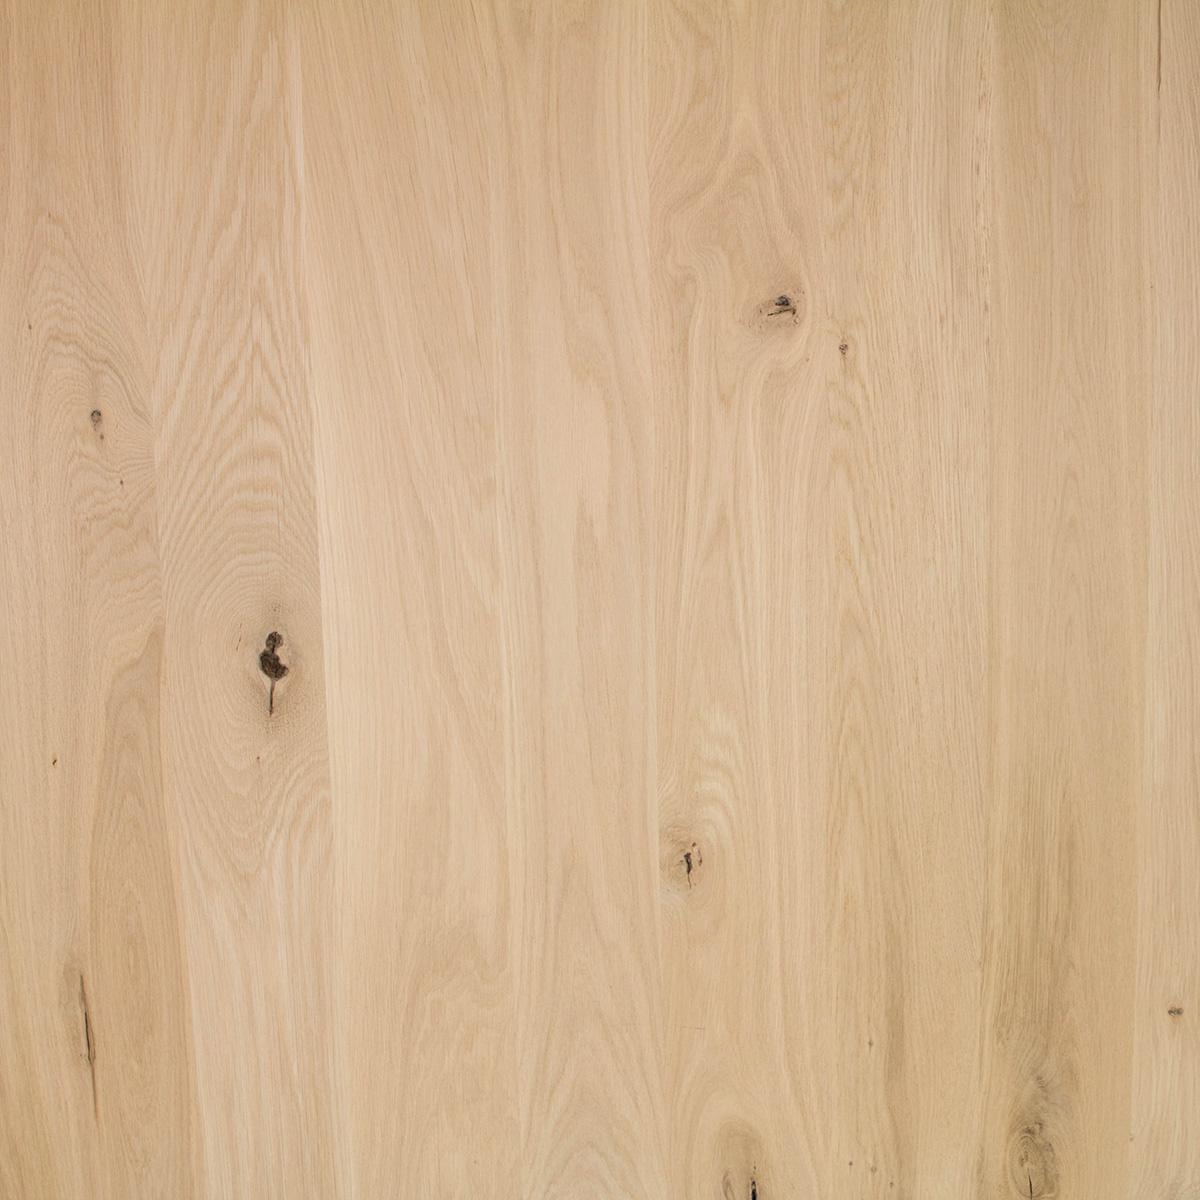 Eiken paneel - 4 cm dik (1-laag) - 122 cm breed - 140 - 300 cm lang in lengtestaffels van 20 cm - rustiek eikenhout kd 8-12% - verlijmd - doorgaande lamellen